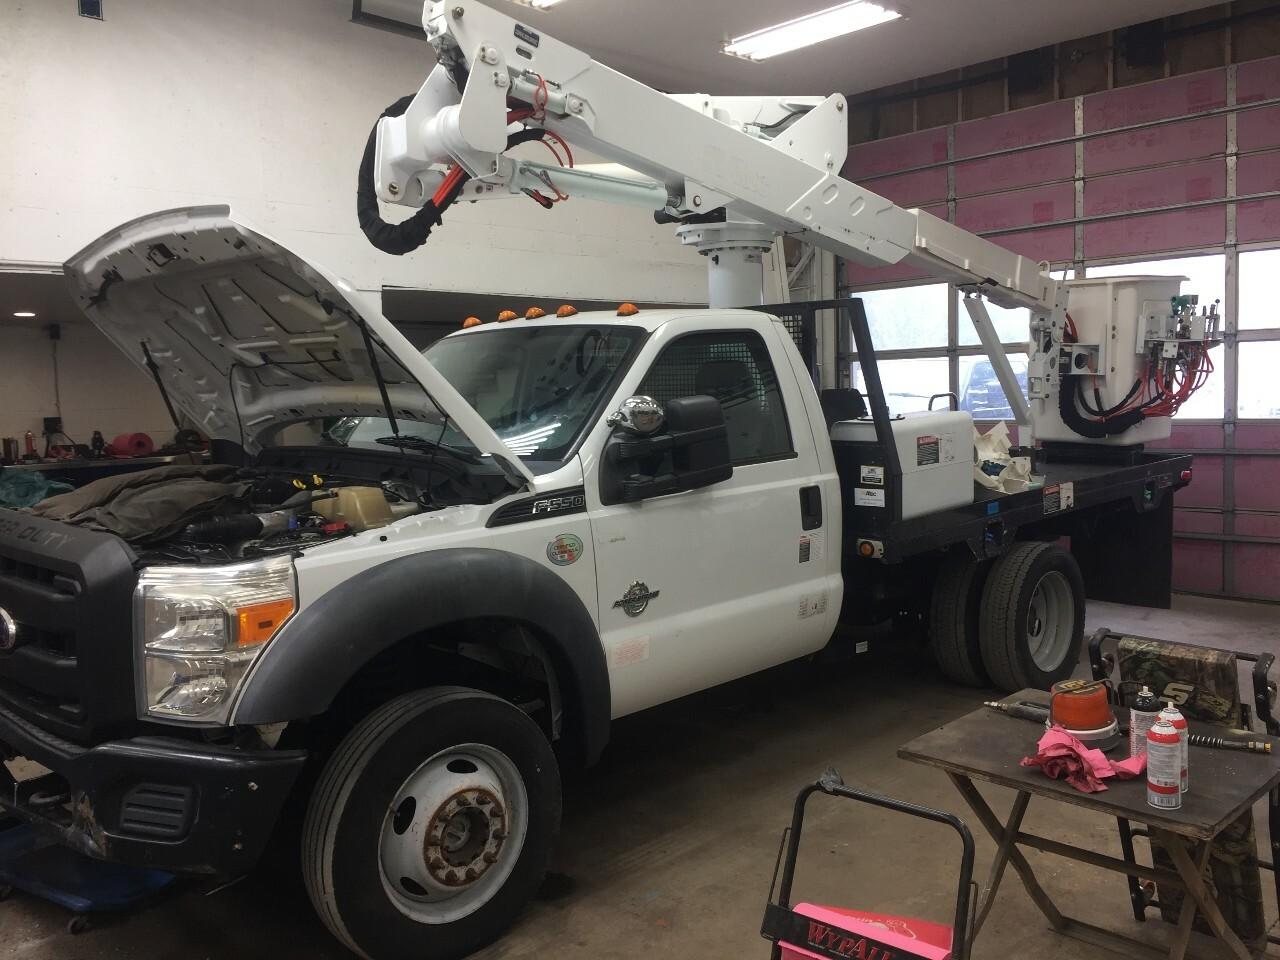 2011 FORD F550 Bucket Truck - Boom Truck, Bernville PA - 5001559777 -  CommercialTruckTrader.